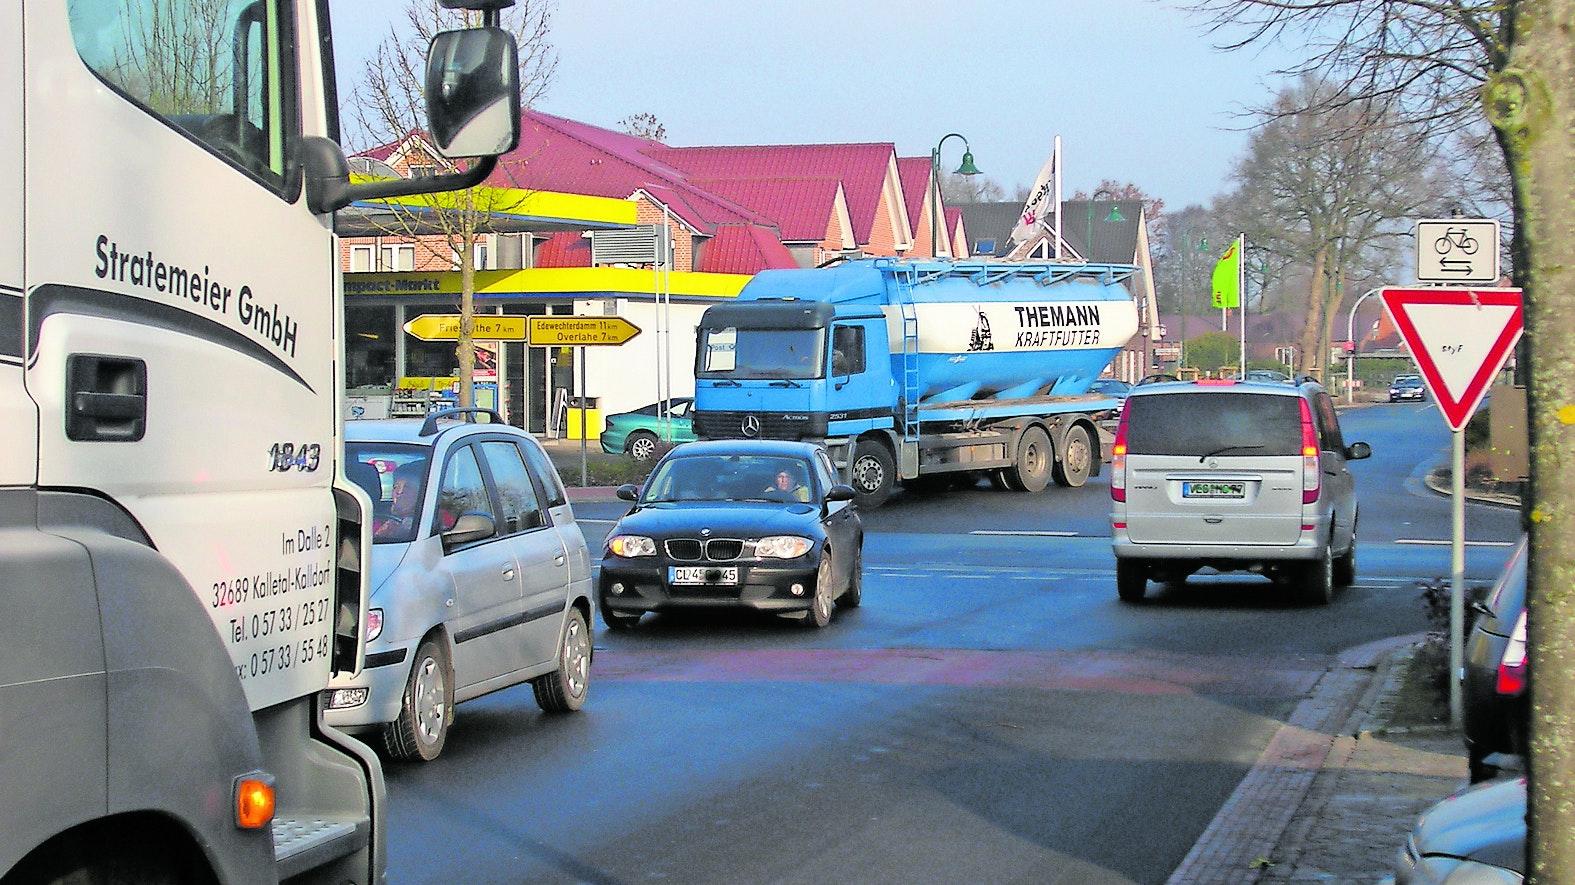 Kreisverkehr als Lösung? In Bösel wartet die Landesbehörde ab, bis die Gemeinde ihr Ortszentrum umbaut.  Dann soll die Landesstraße 835 gleich anschließend saniert werden. Archiv-Foto: Martin Pille